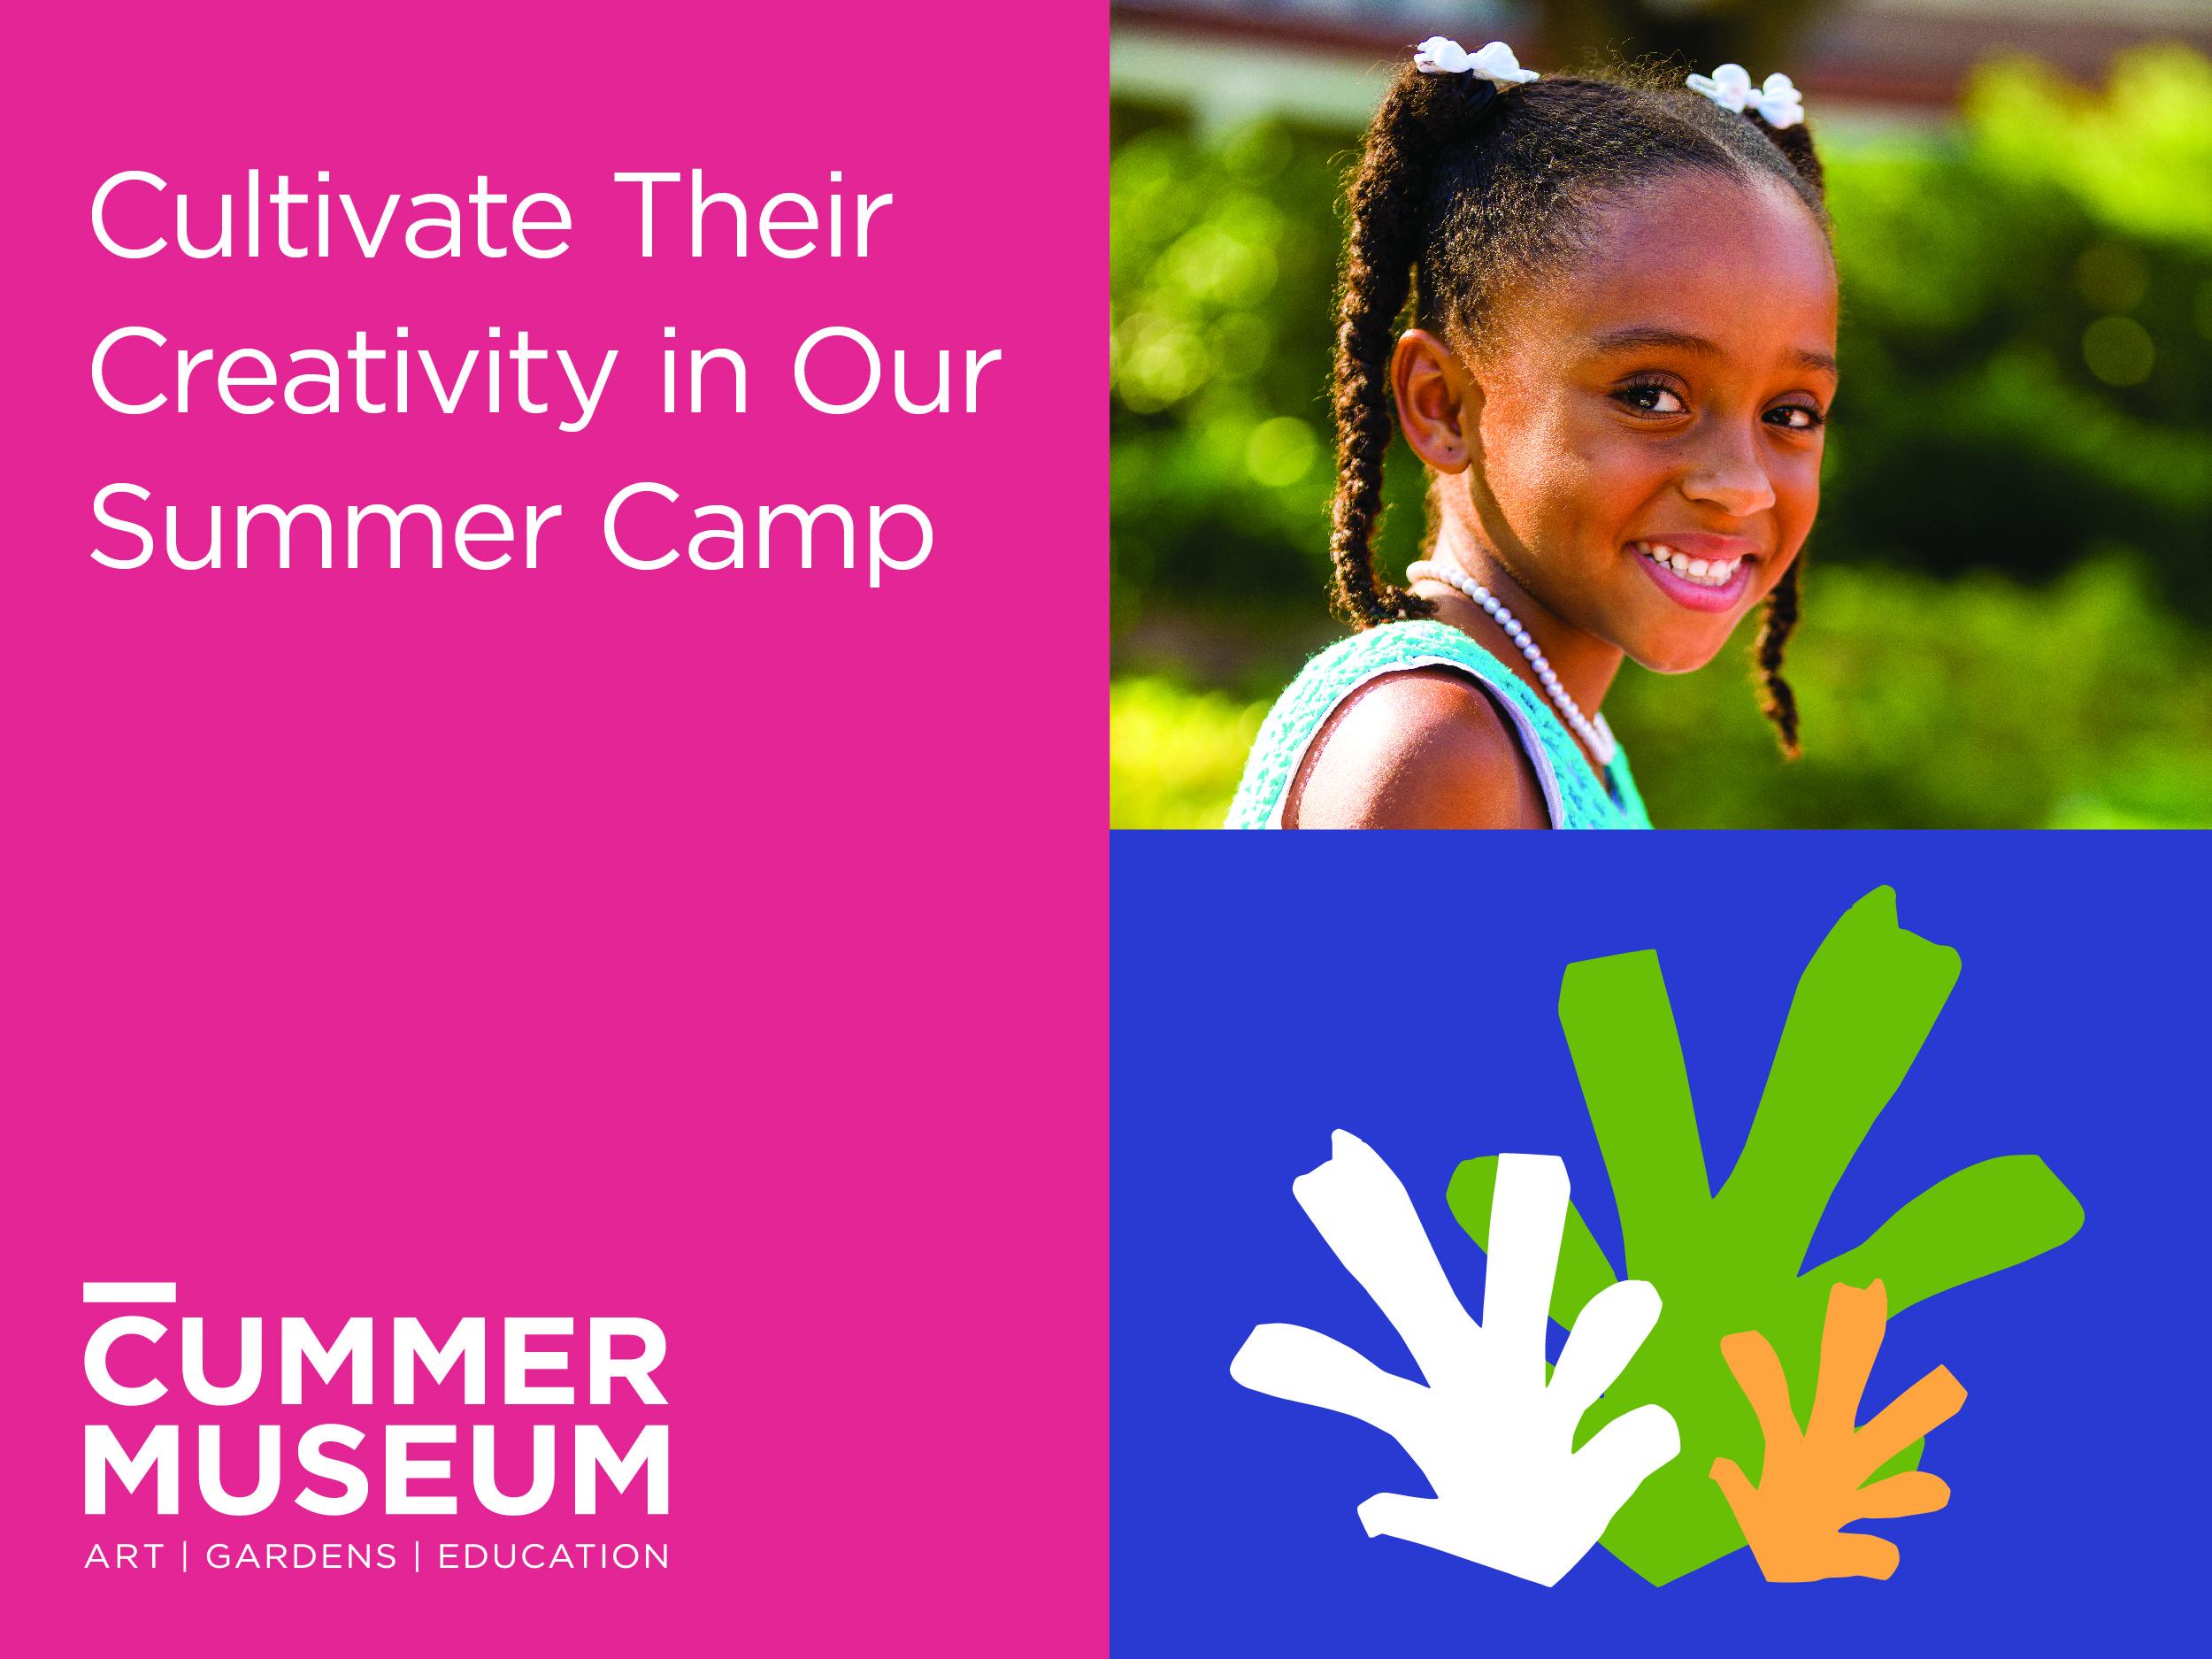 Cummer Museum Summer Camps